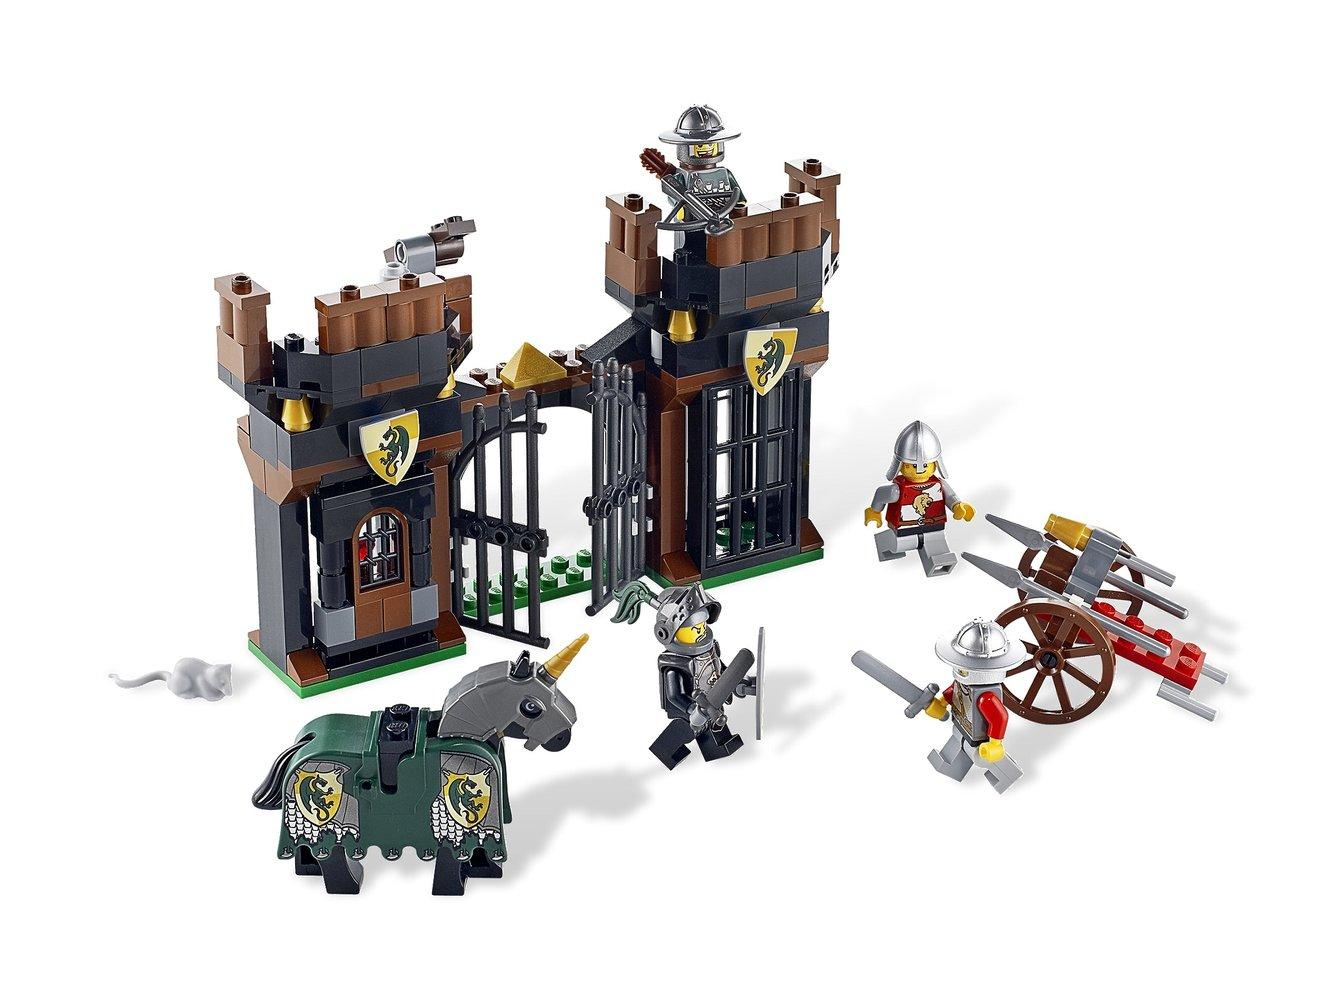 Escape from Dragon's Prison